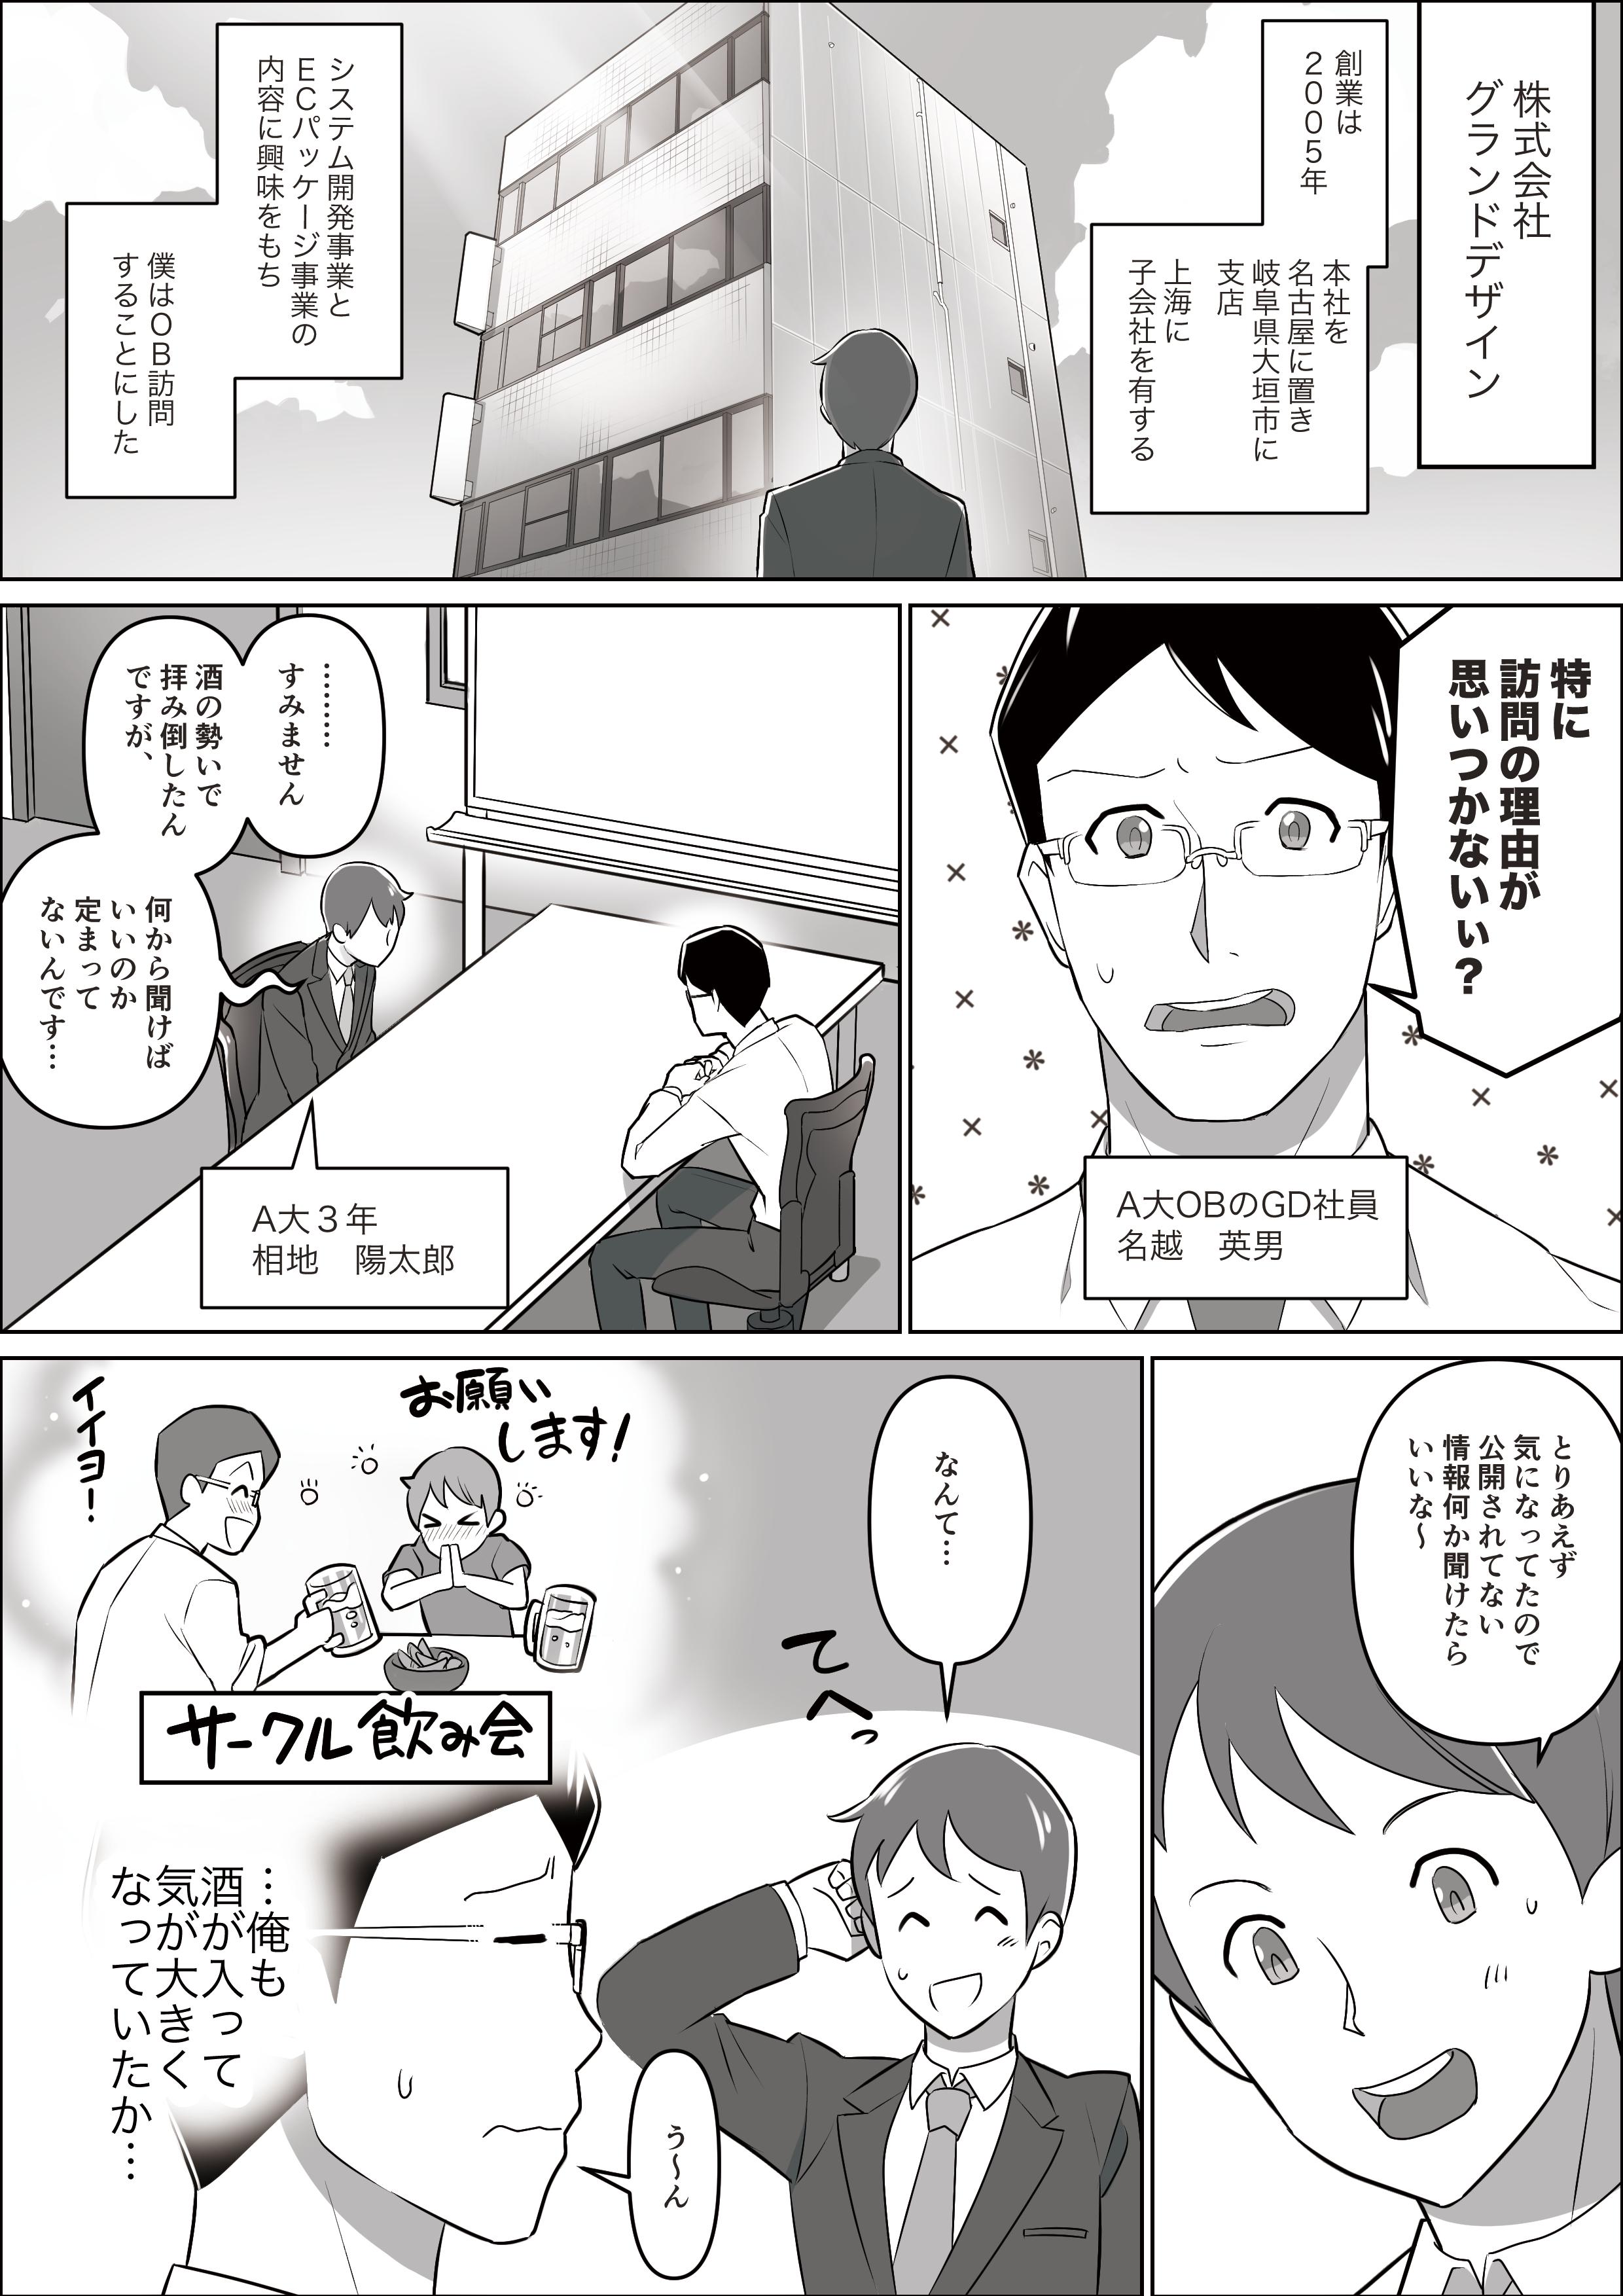 会社紹介漫画 新卒編1